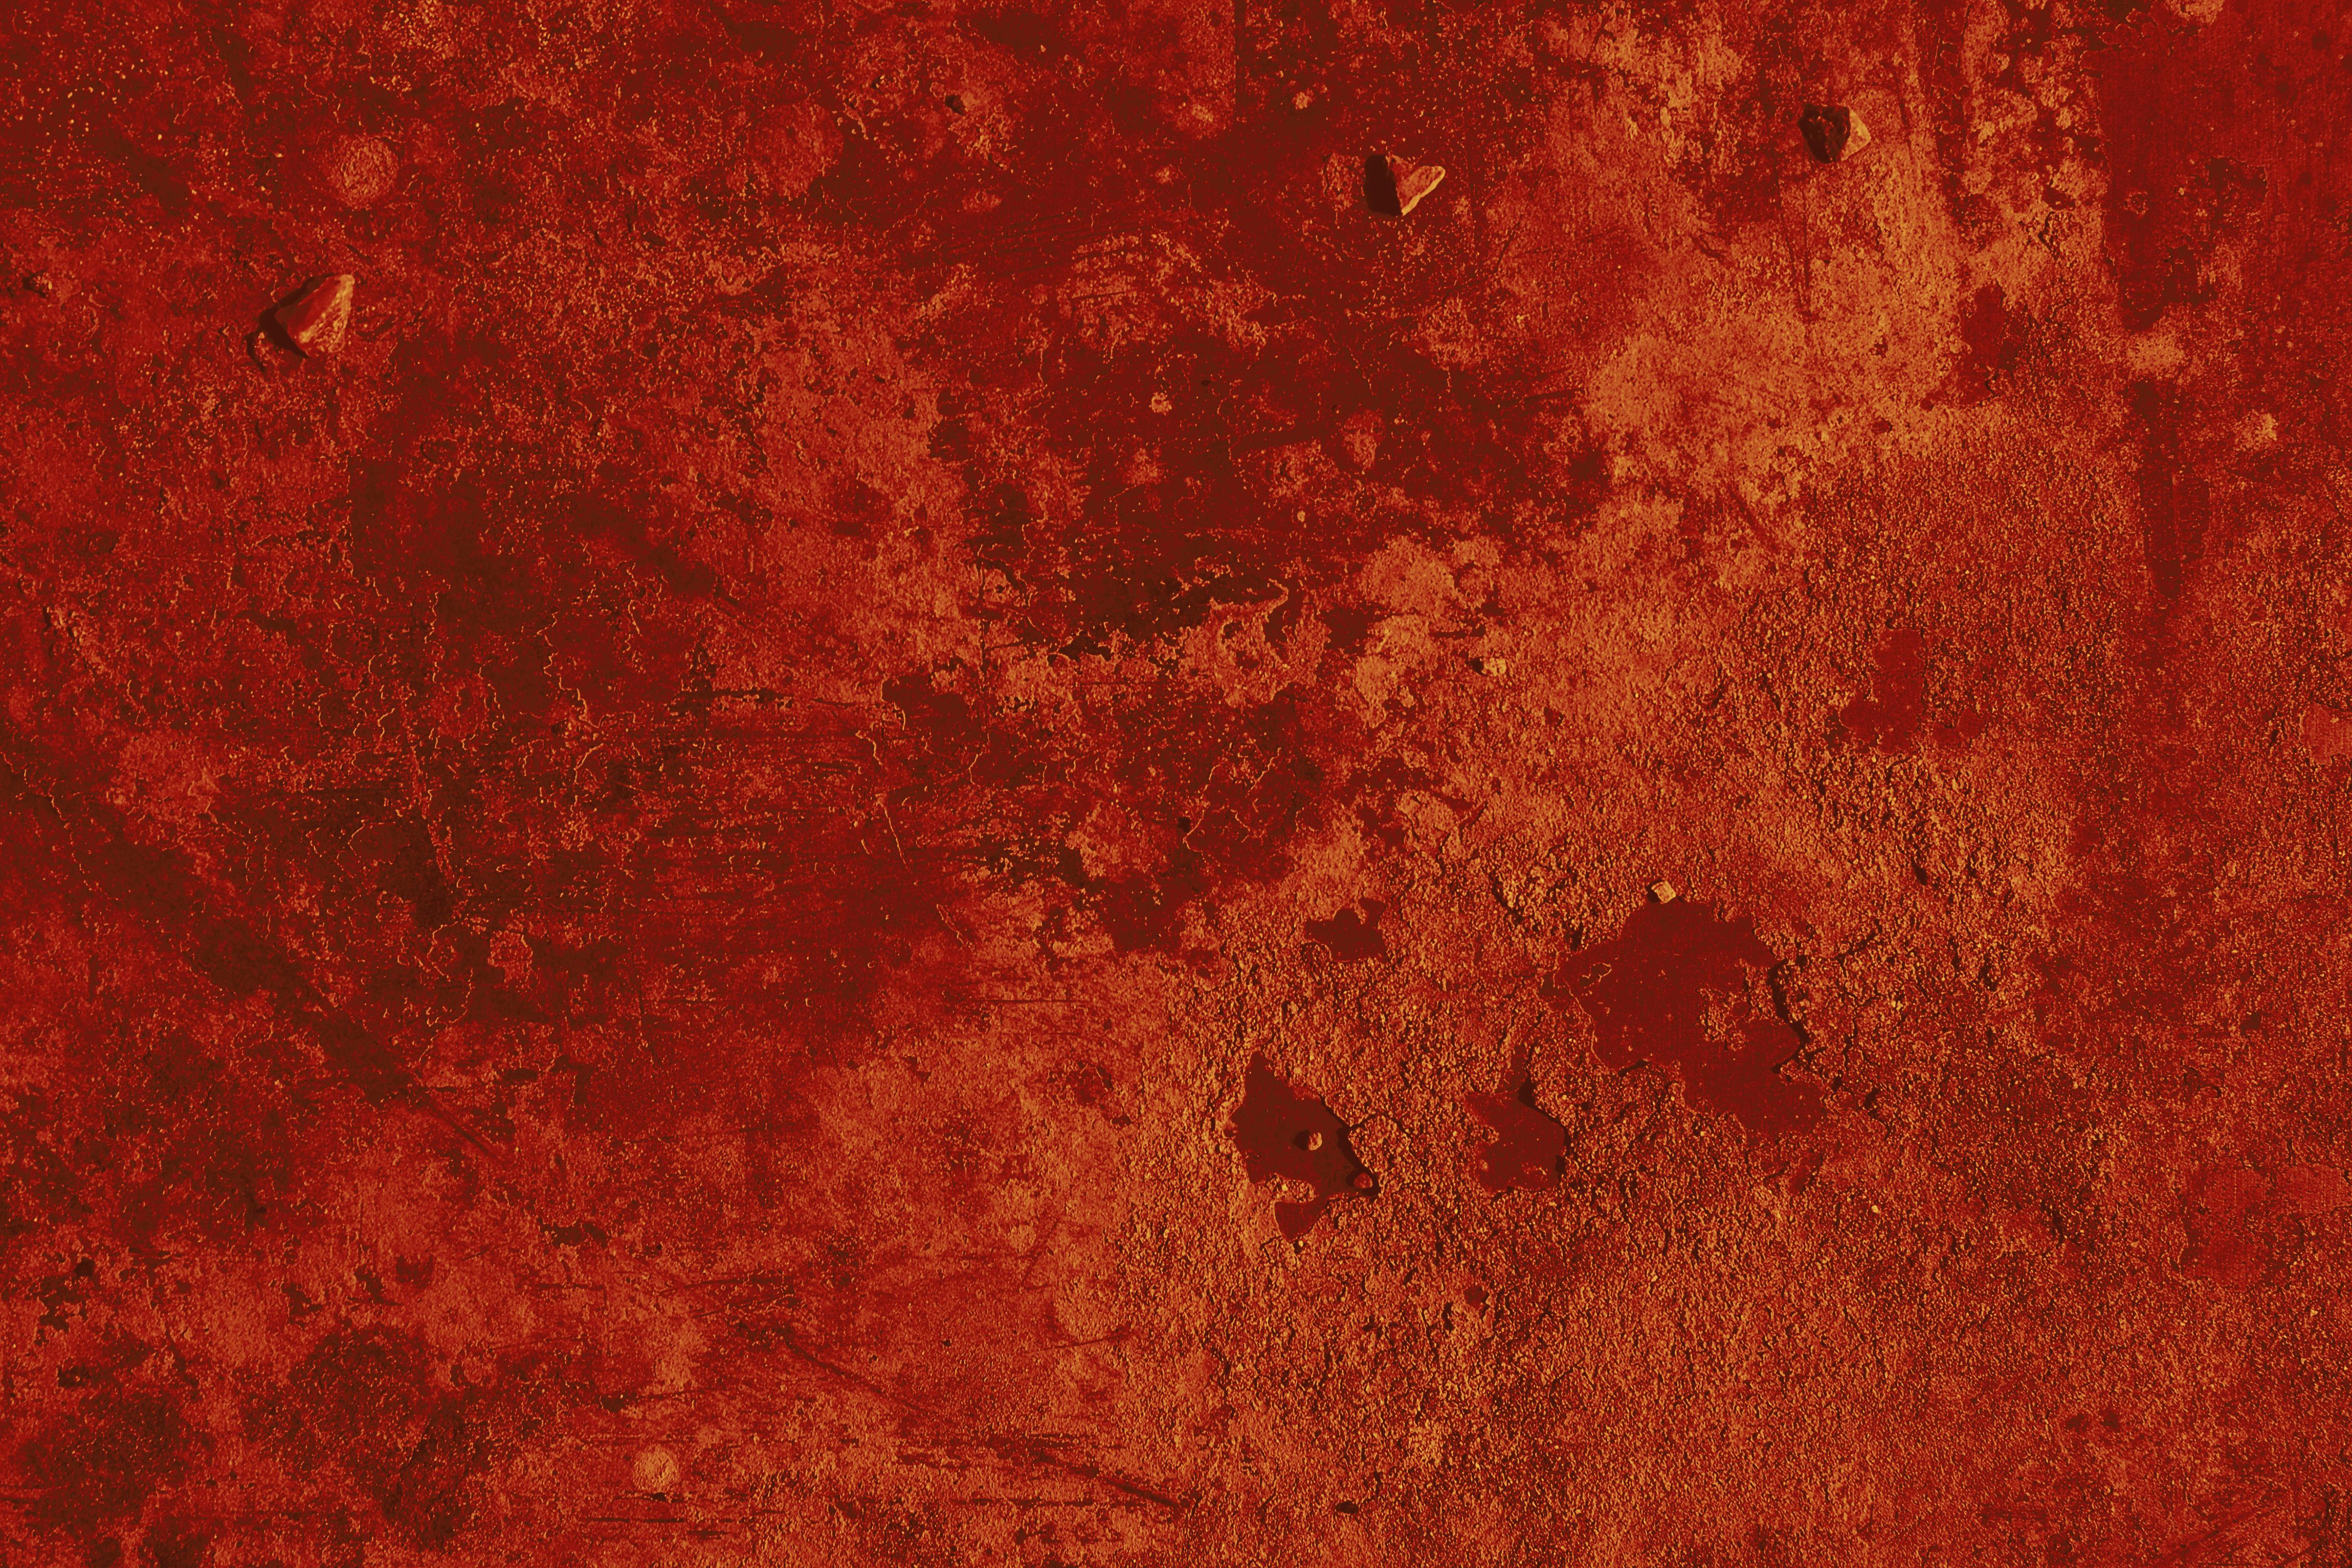 12 Red Grunge Textures 4800x3200